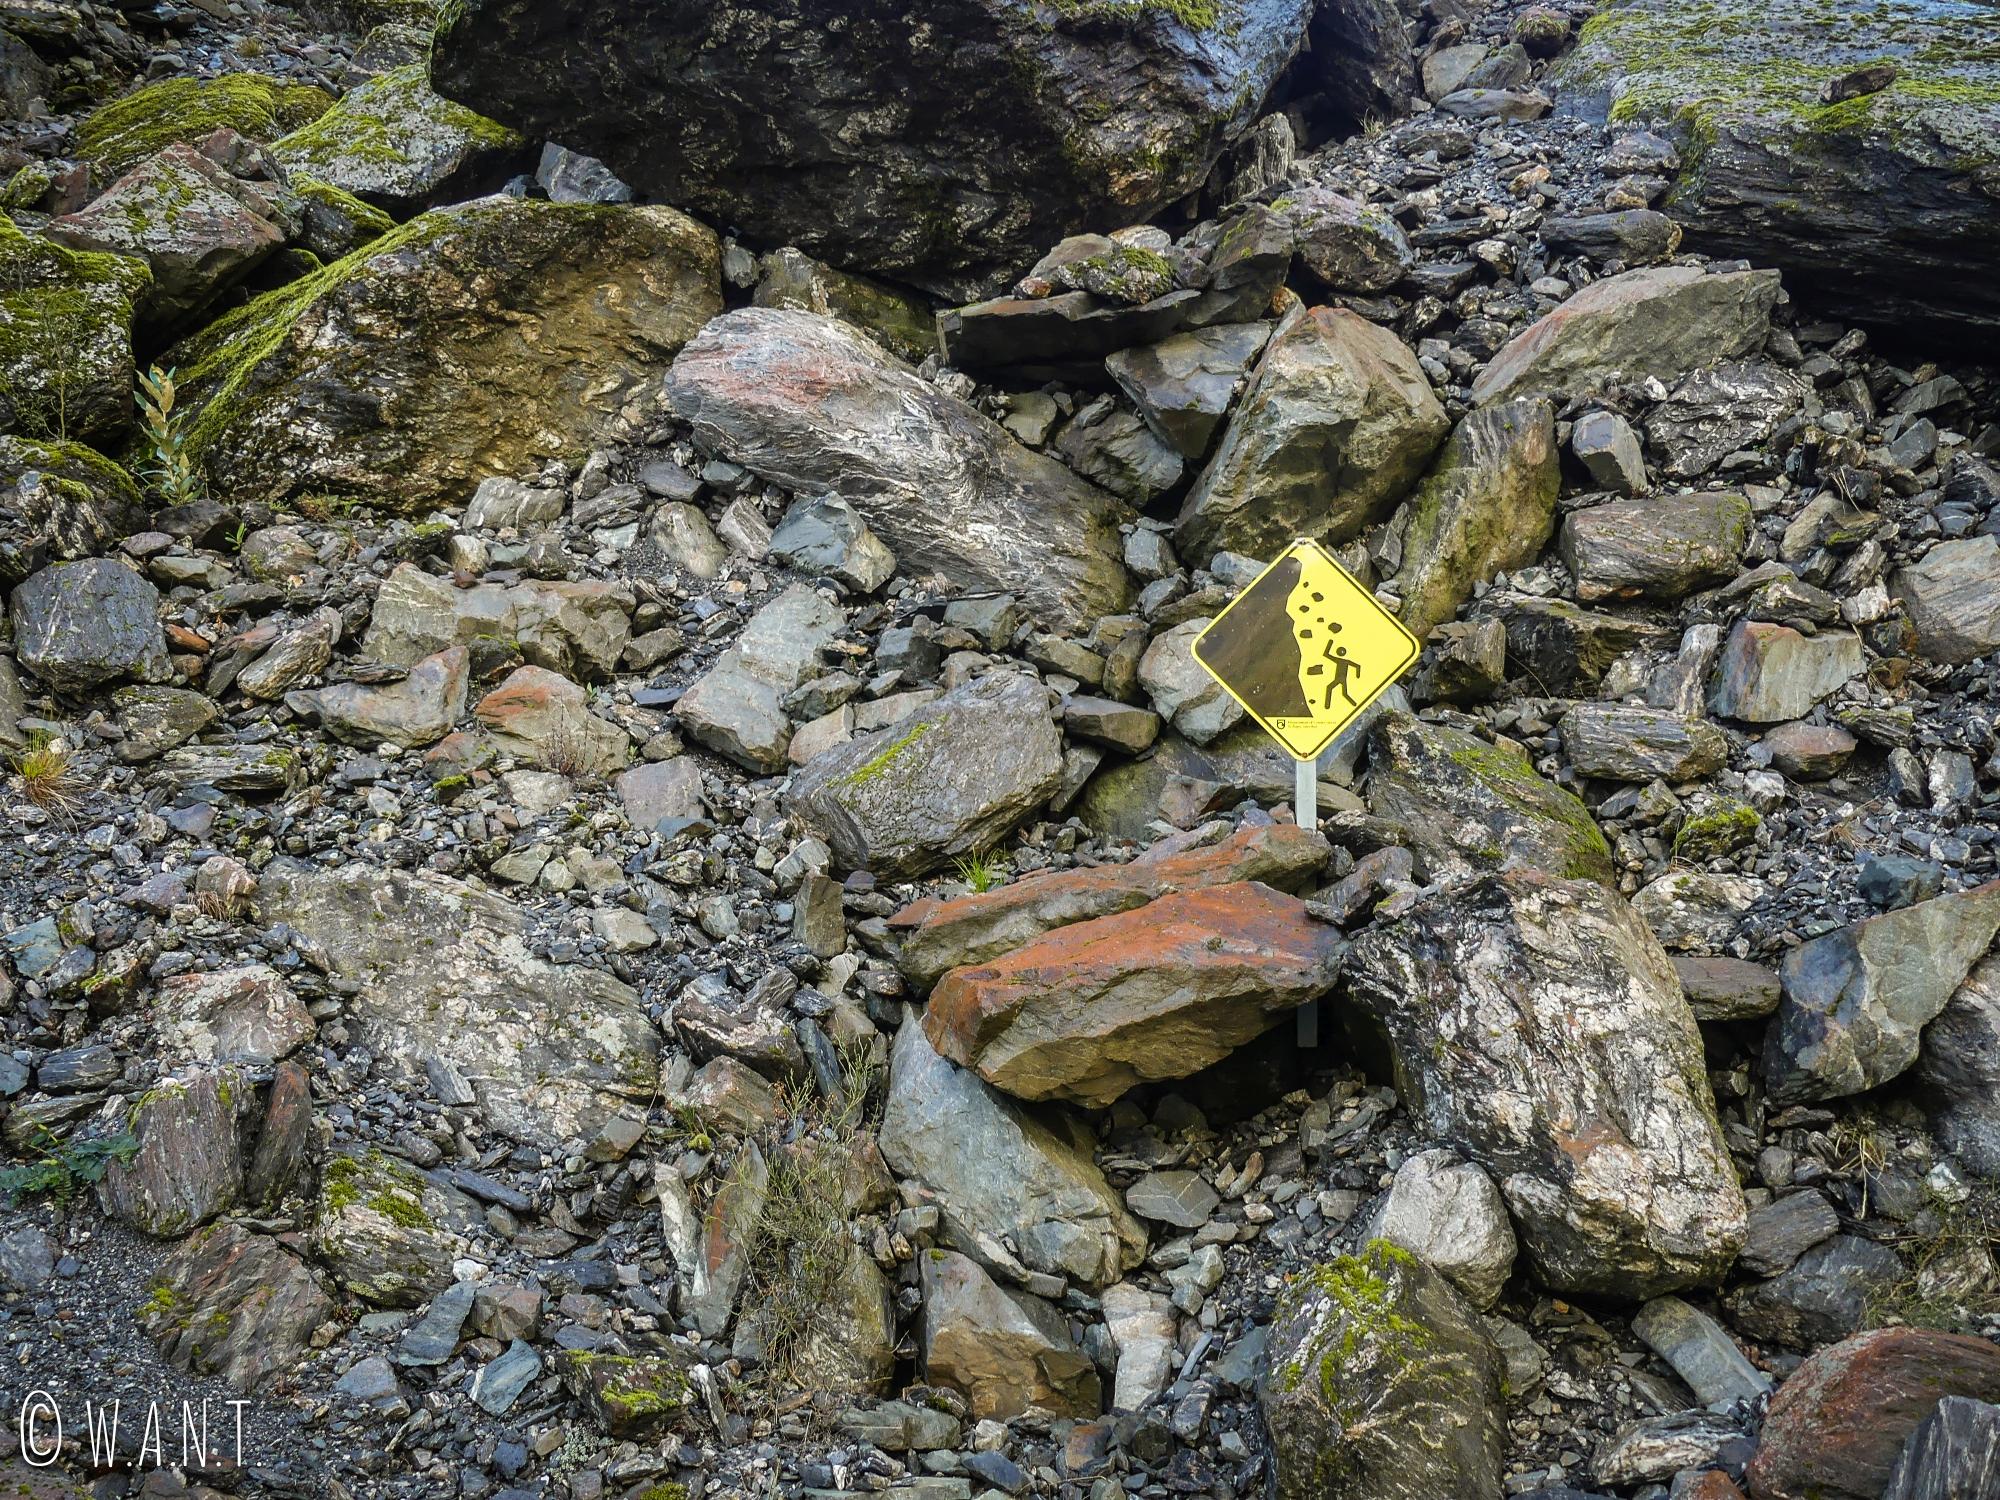 Risque de chute de pierres sur la randonnée Valley Walk menant au Fox Glacier en Nouvelle-Zélande